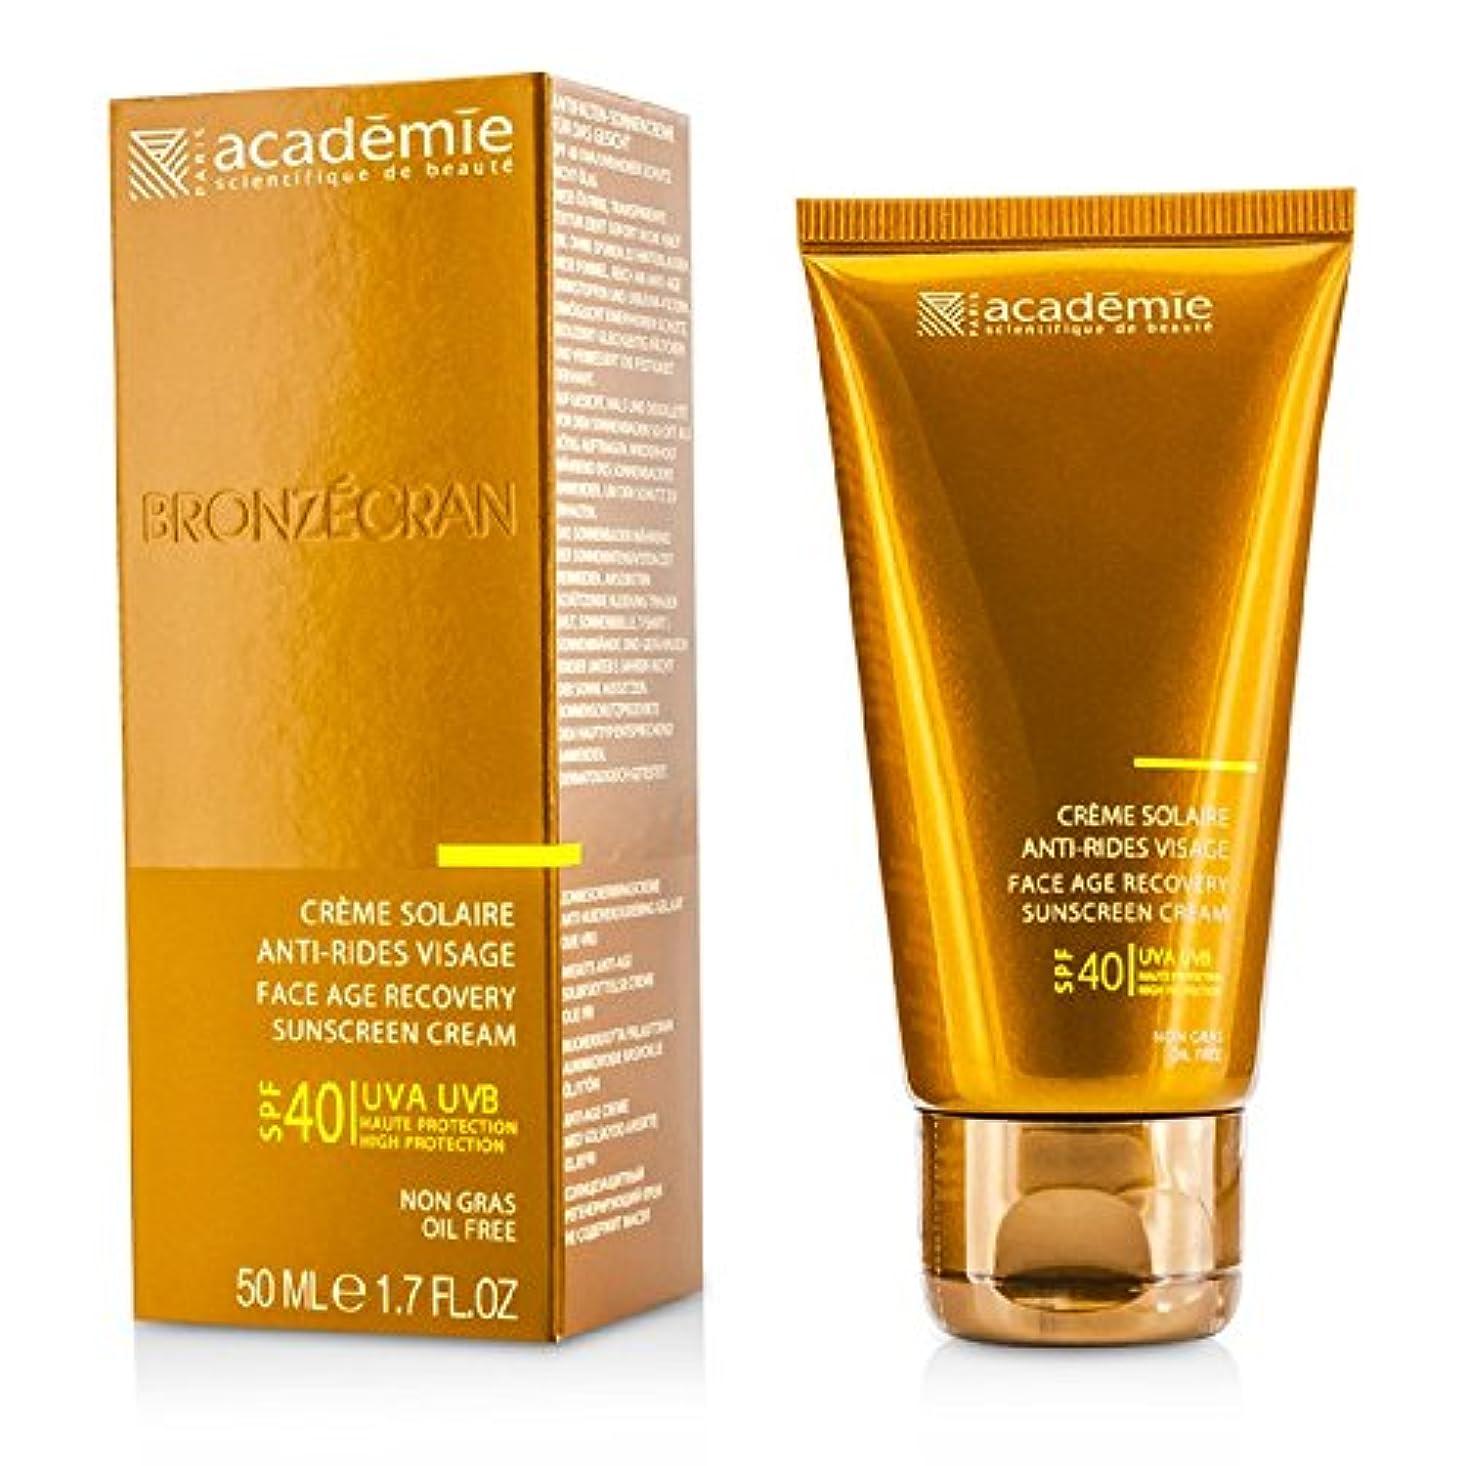 効能賢明な治療アカデミー Scientific System Face Age Recovery Sunscreen Cream SPF40 50ml/1.7oz並行輸入品